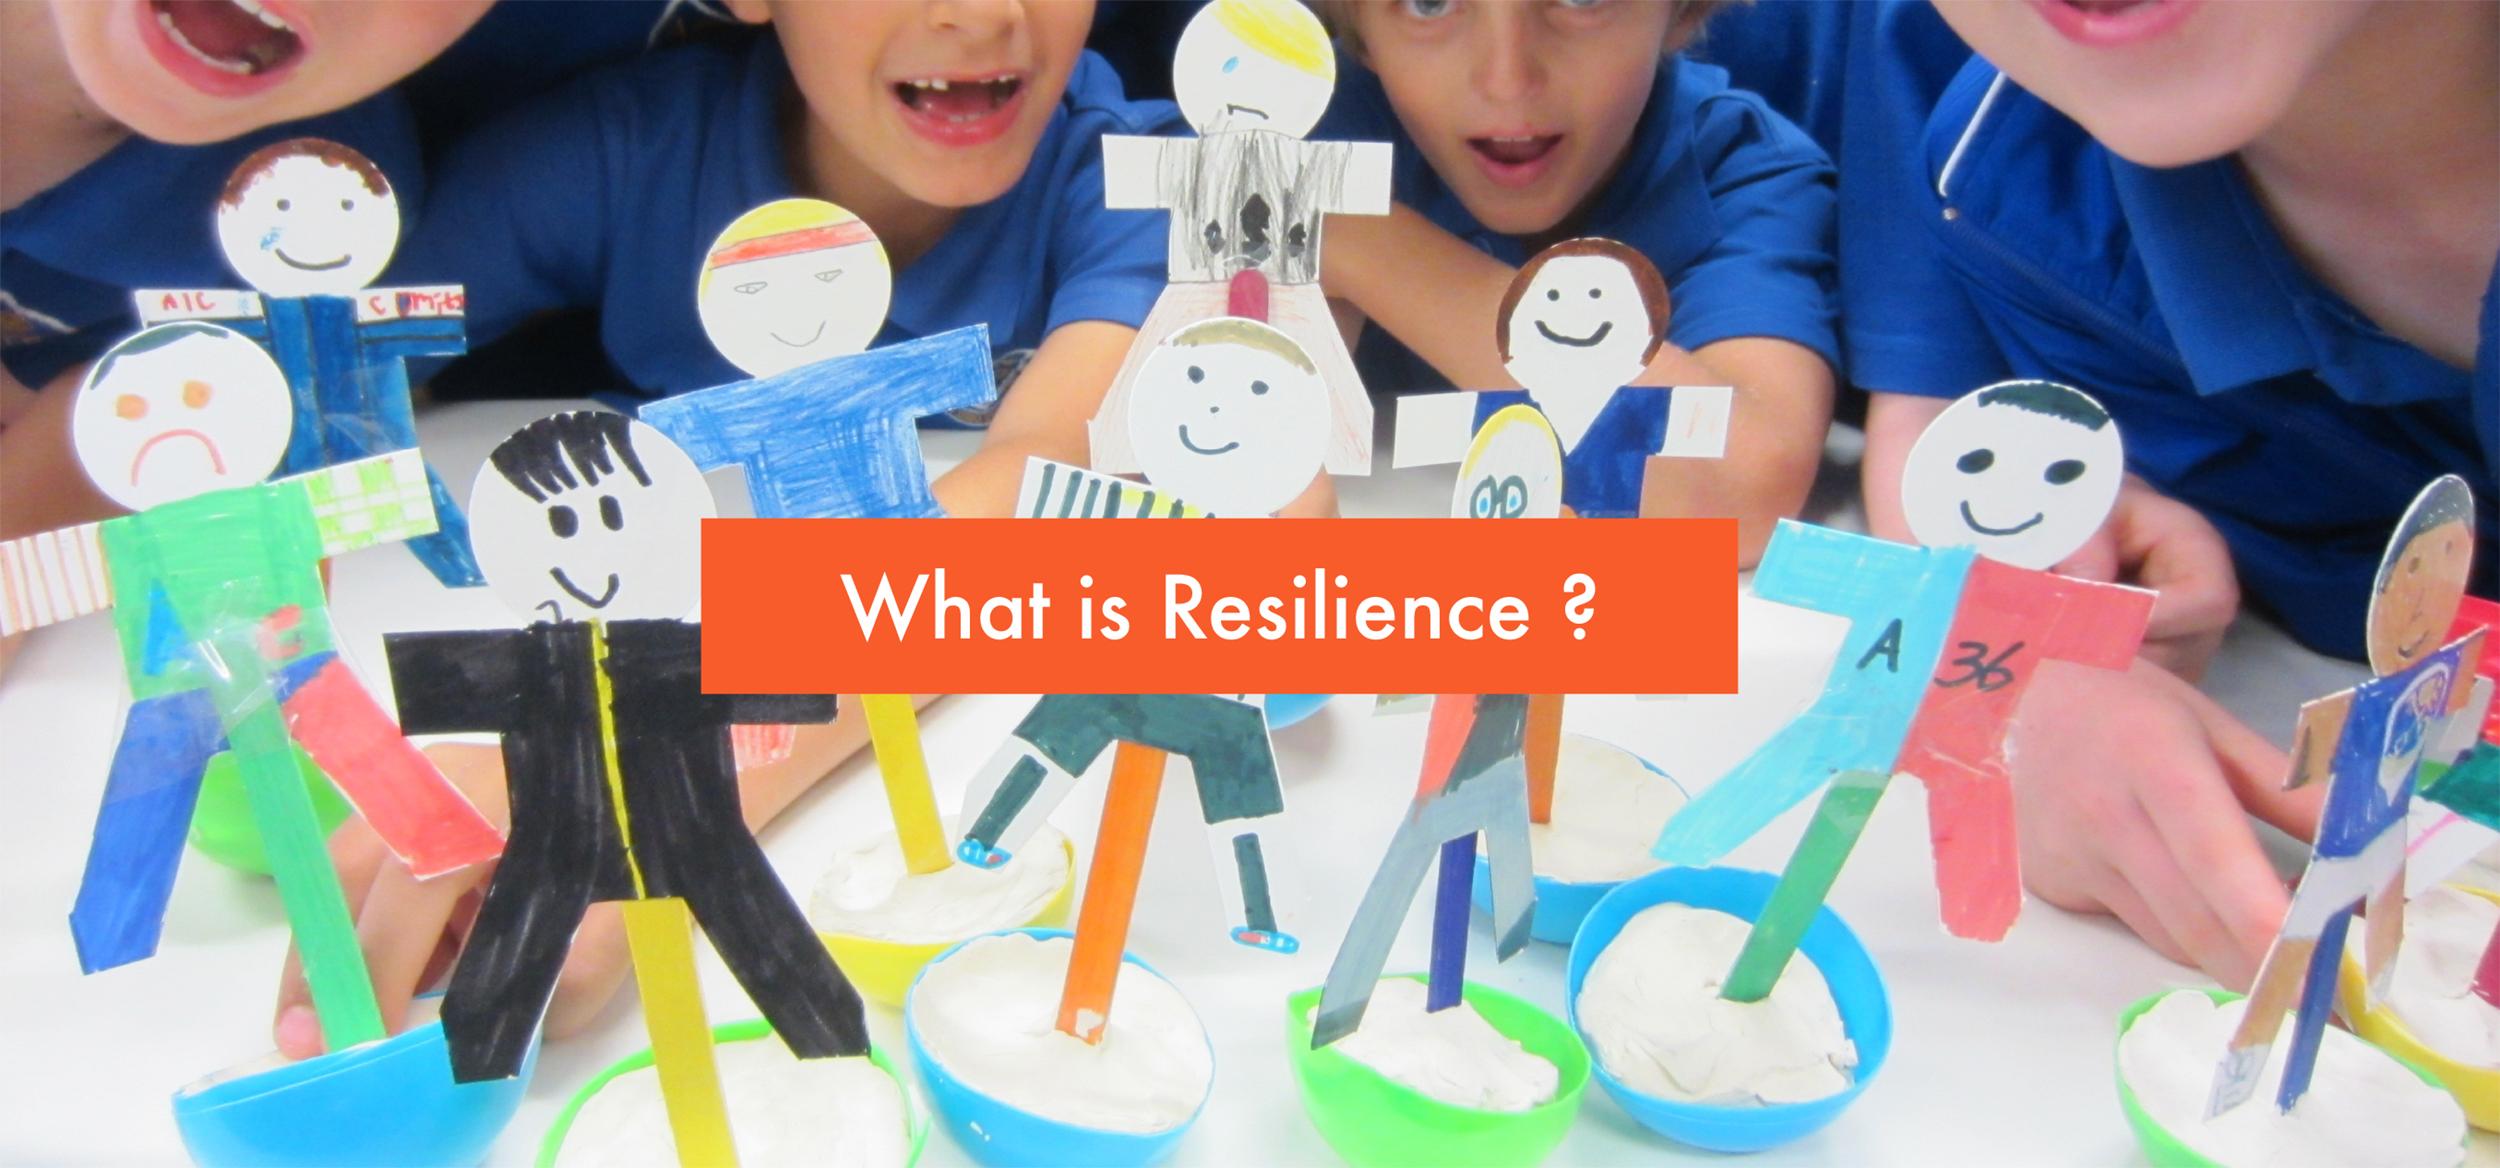 resilience_banner.jpg